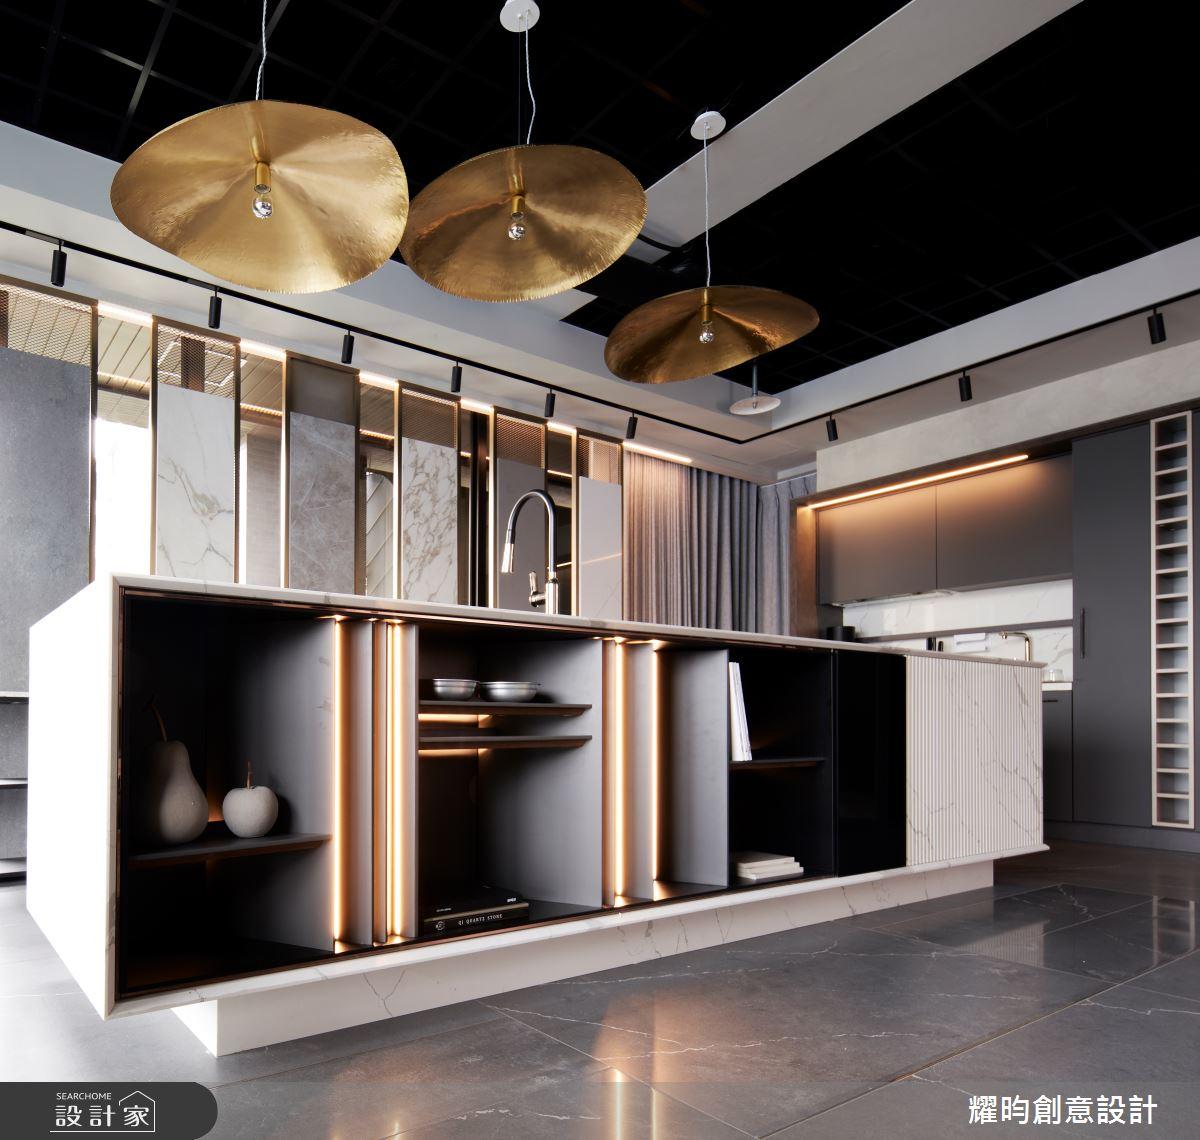 25坪新成屋(5年以下)_北歐風案例圖片_耀昀創意設計_耀昀_63之2